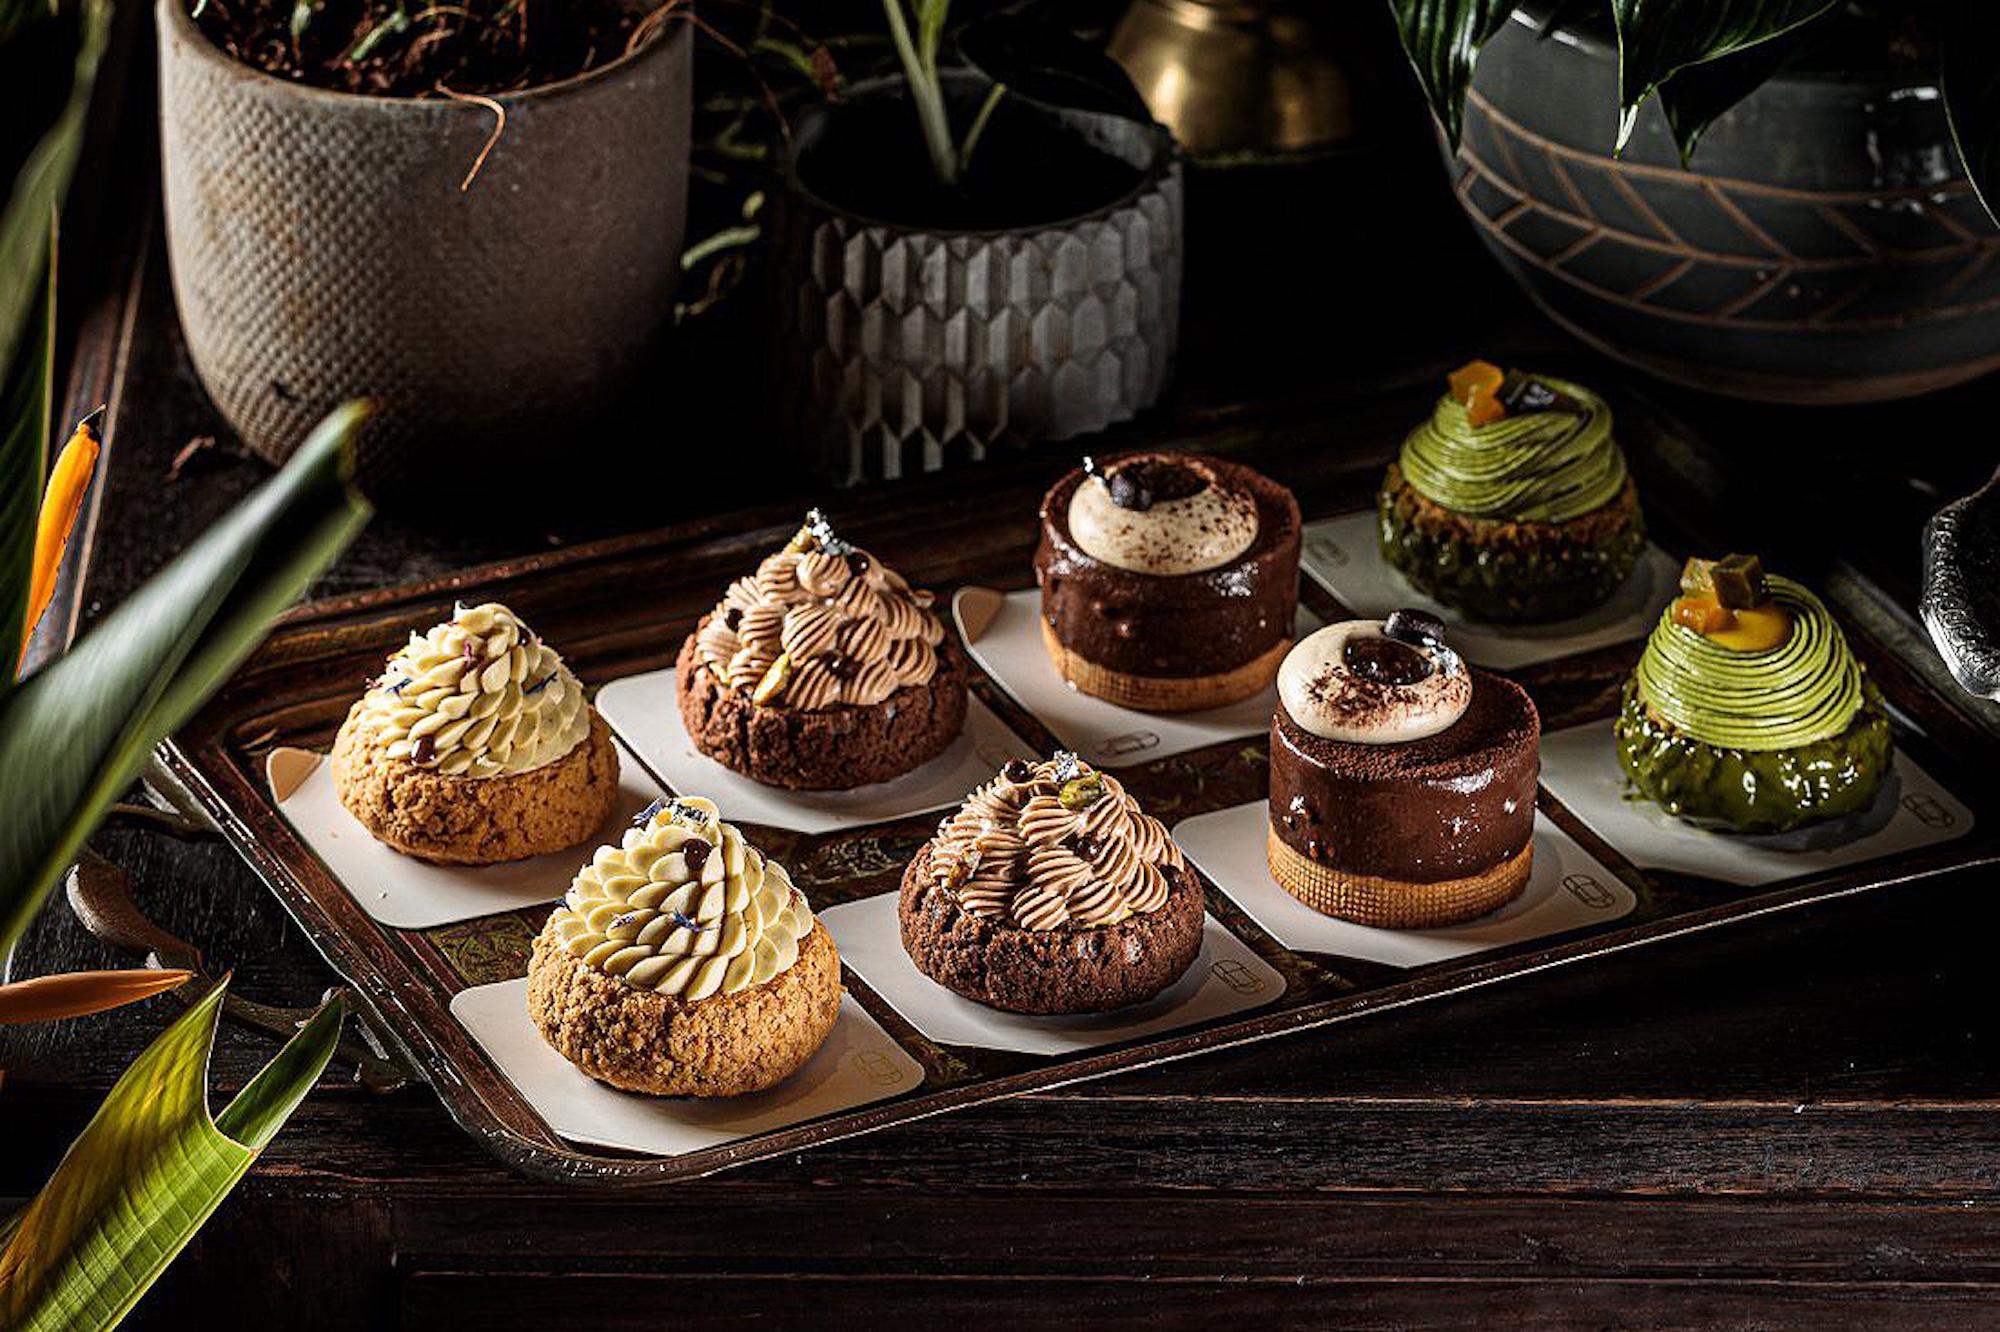 8 tiệm bánh nổi danh dành riêng cho tín đồ hảo ngọt ở Sài Gòn